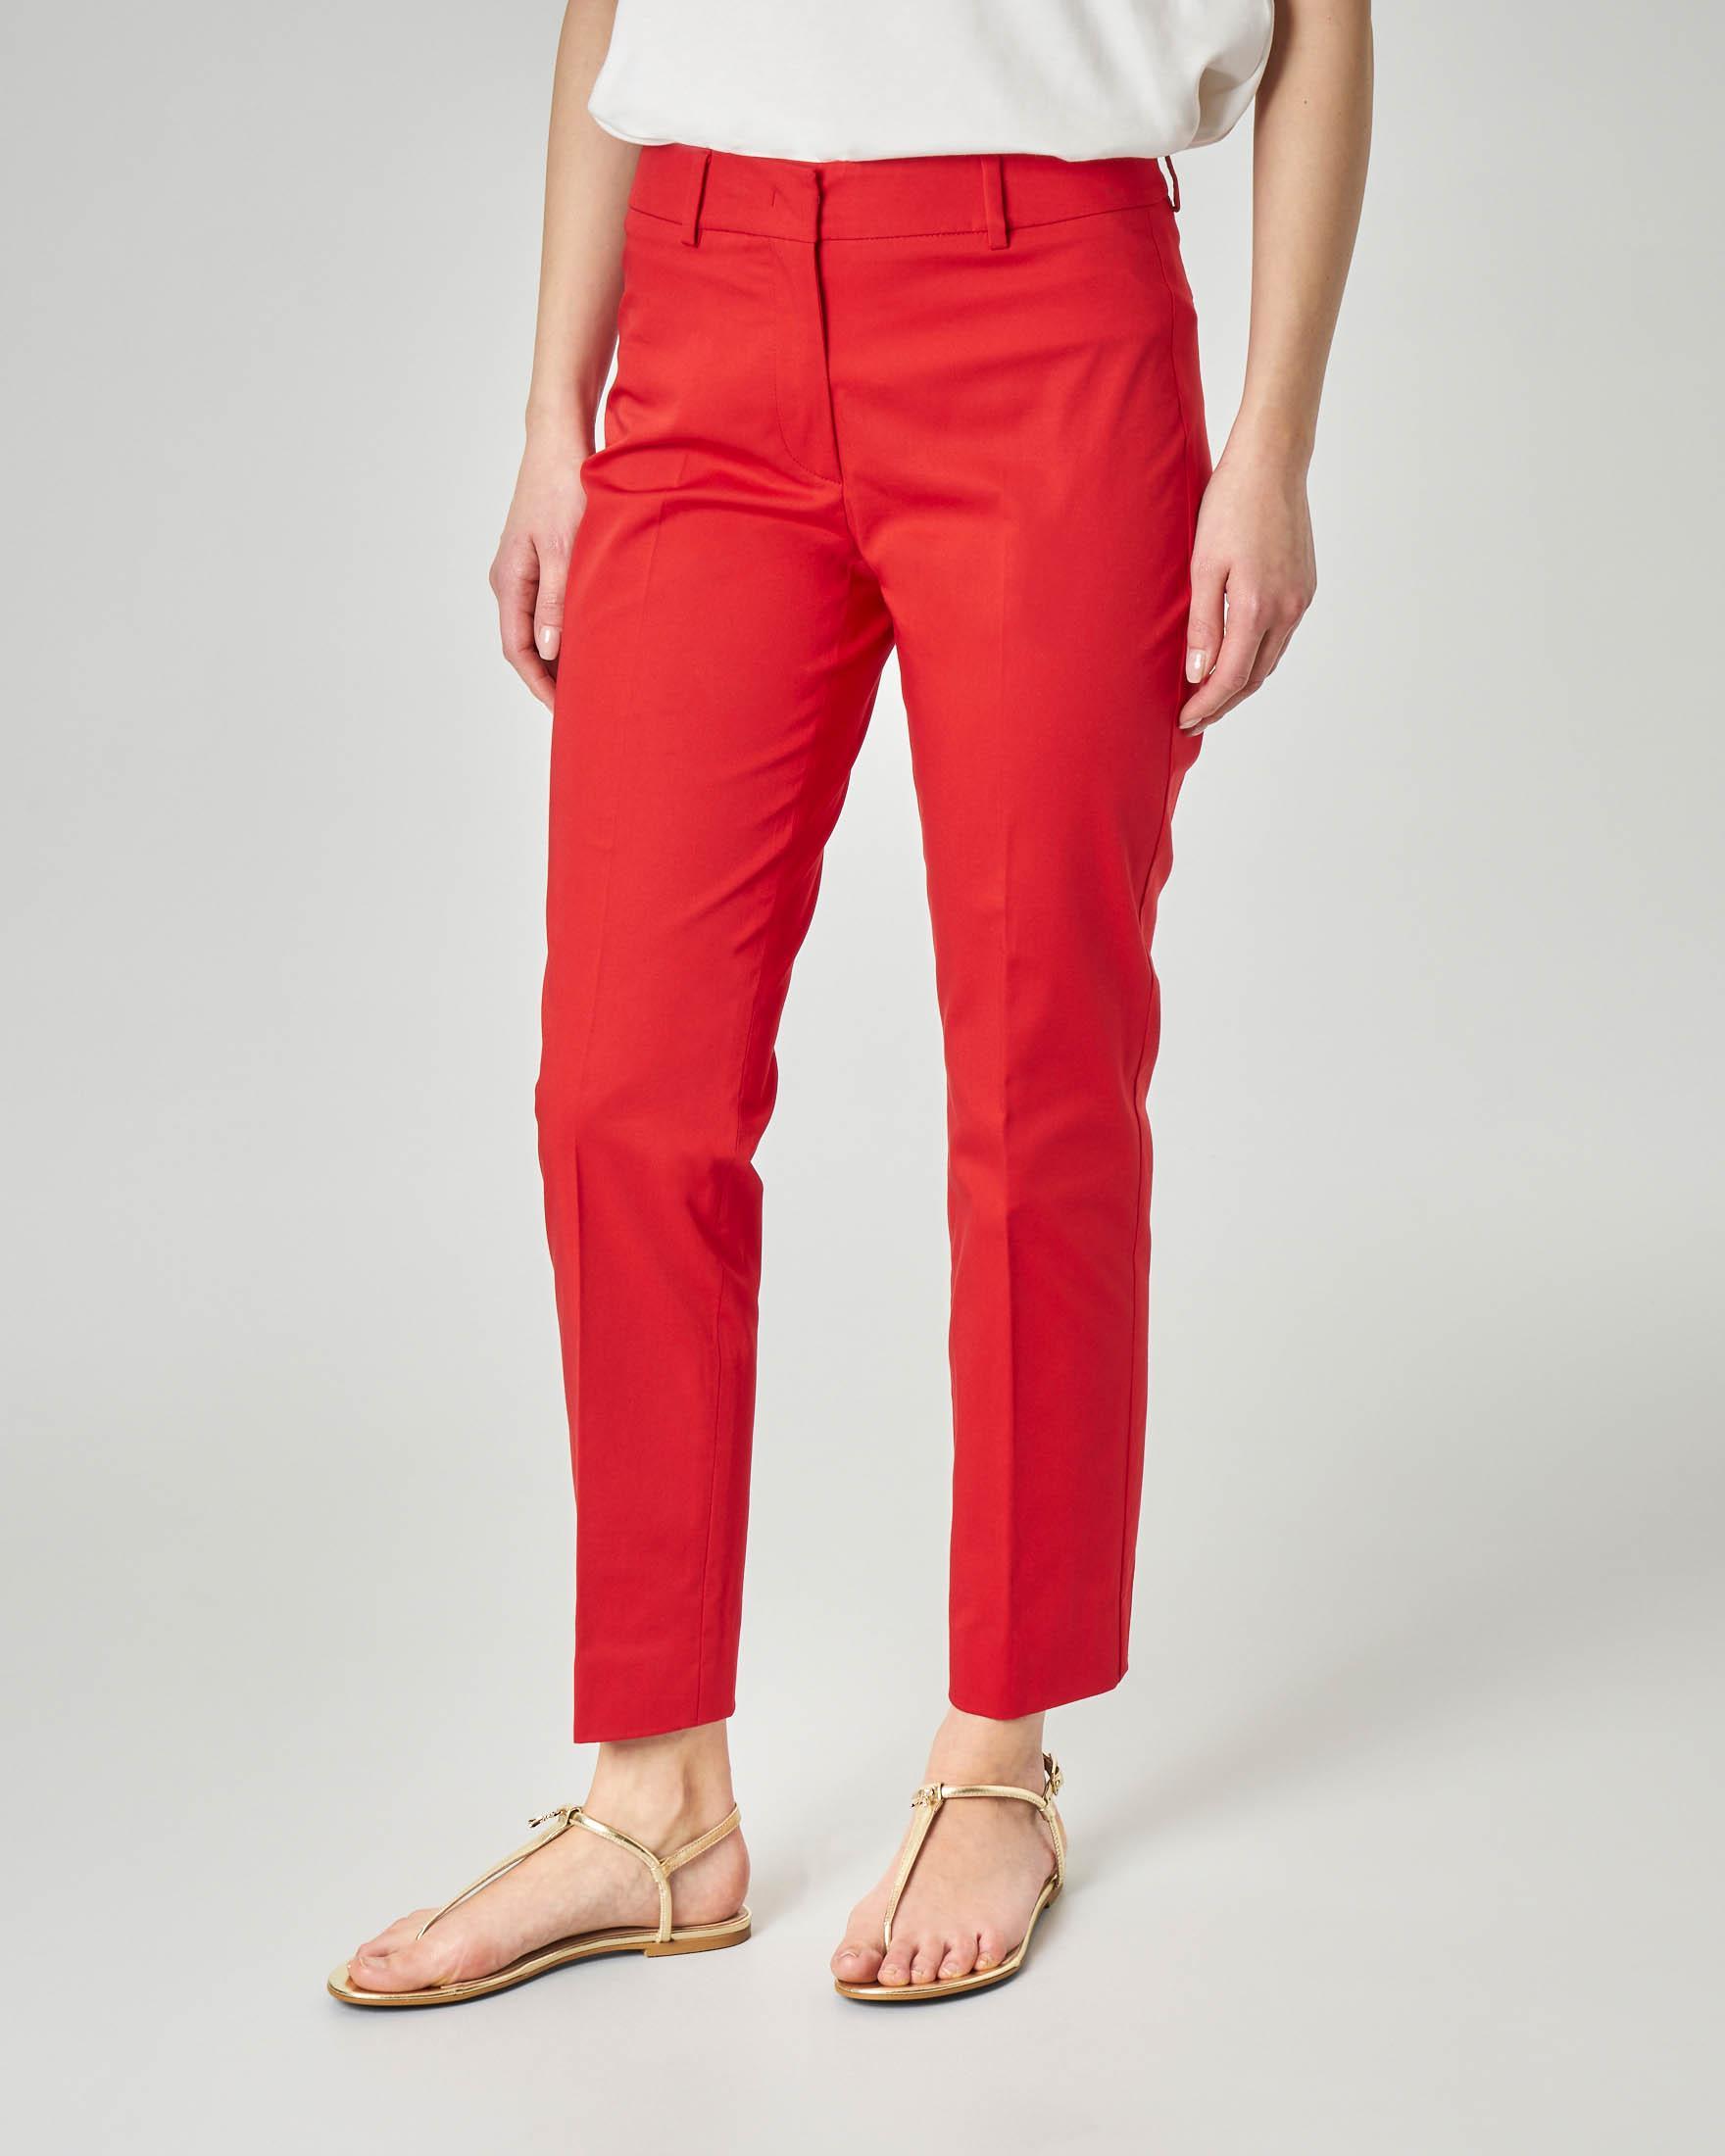 Pantaloni straight rossi in cotone elasticizzato